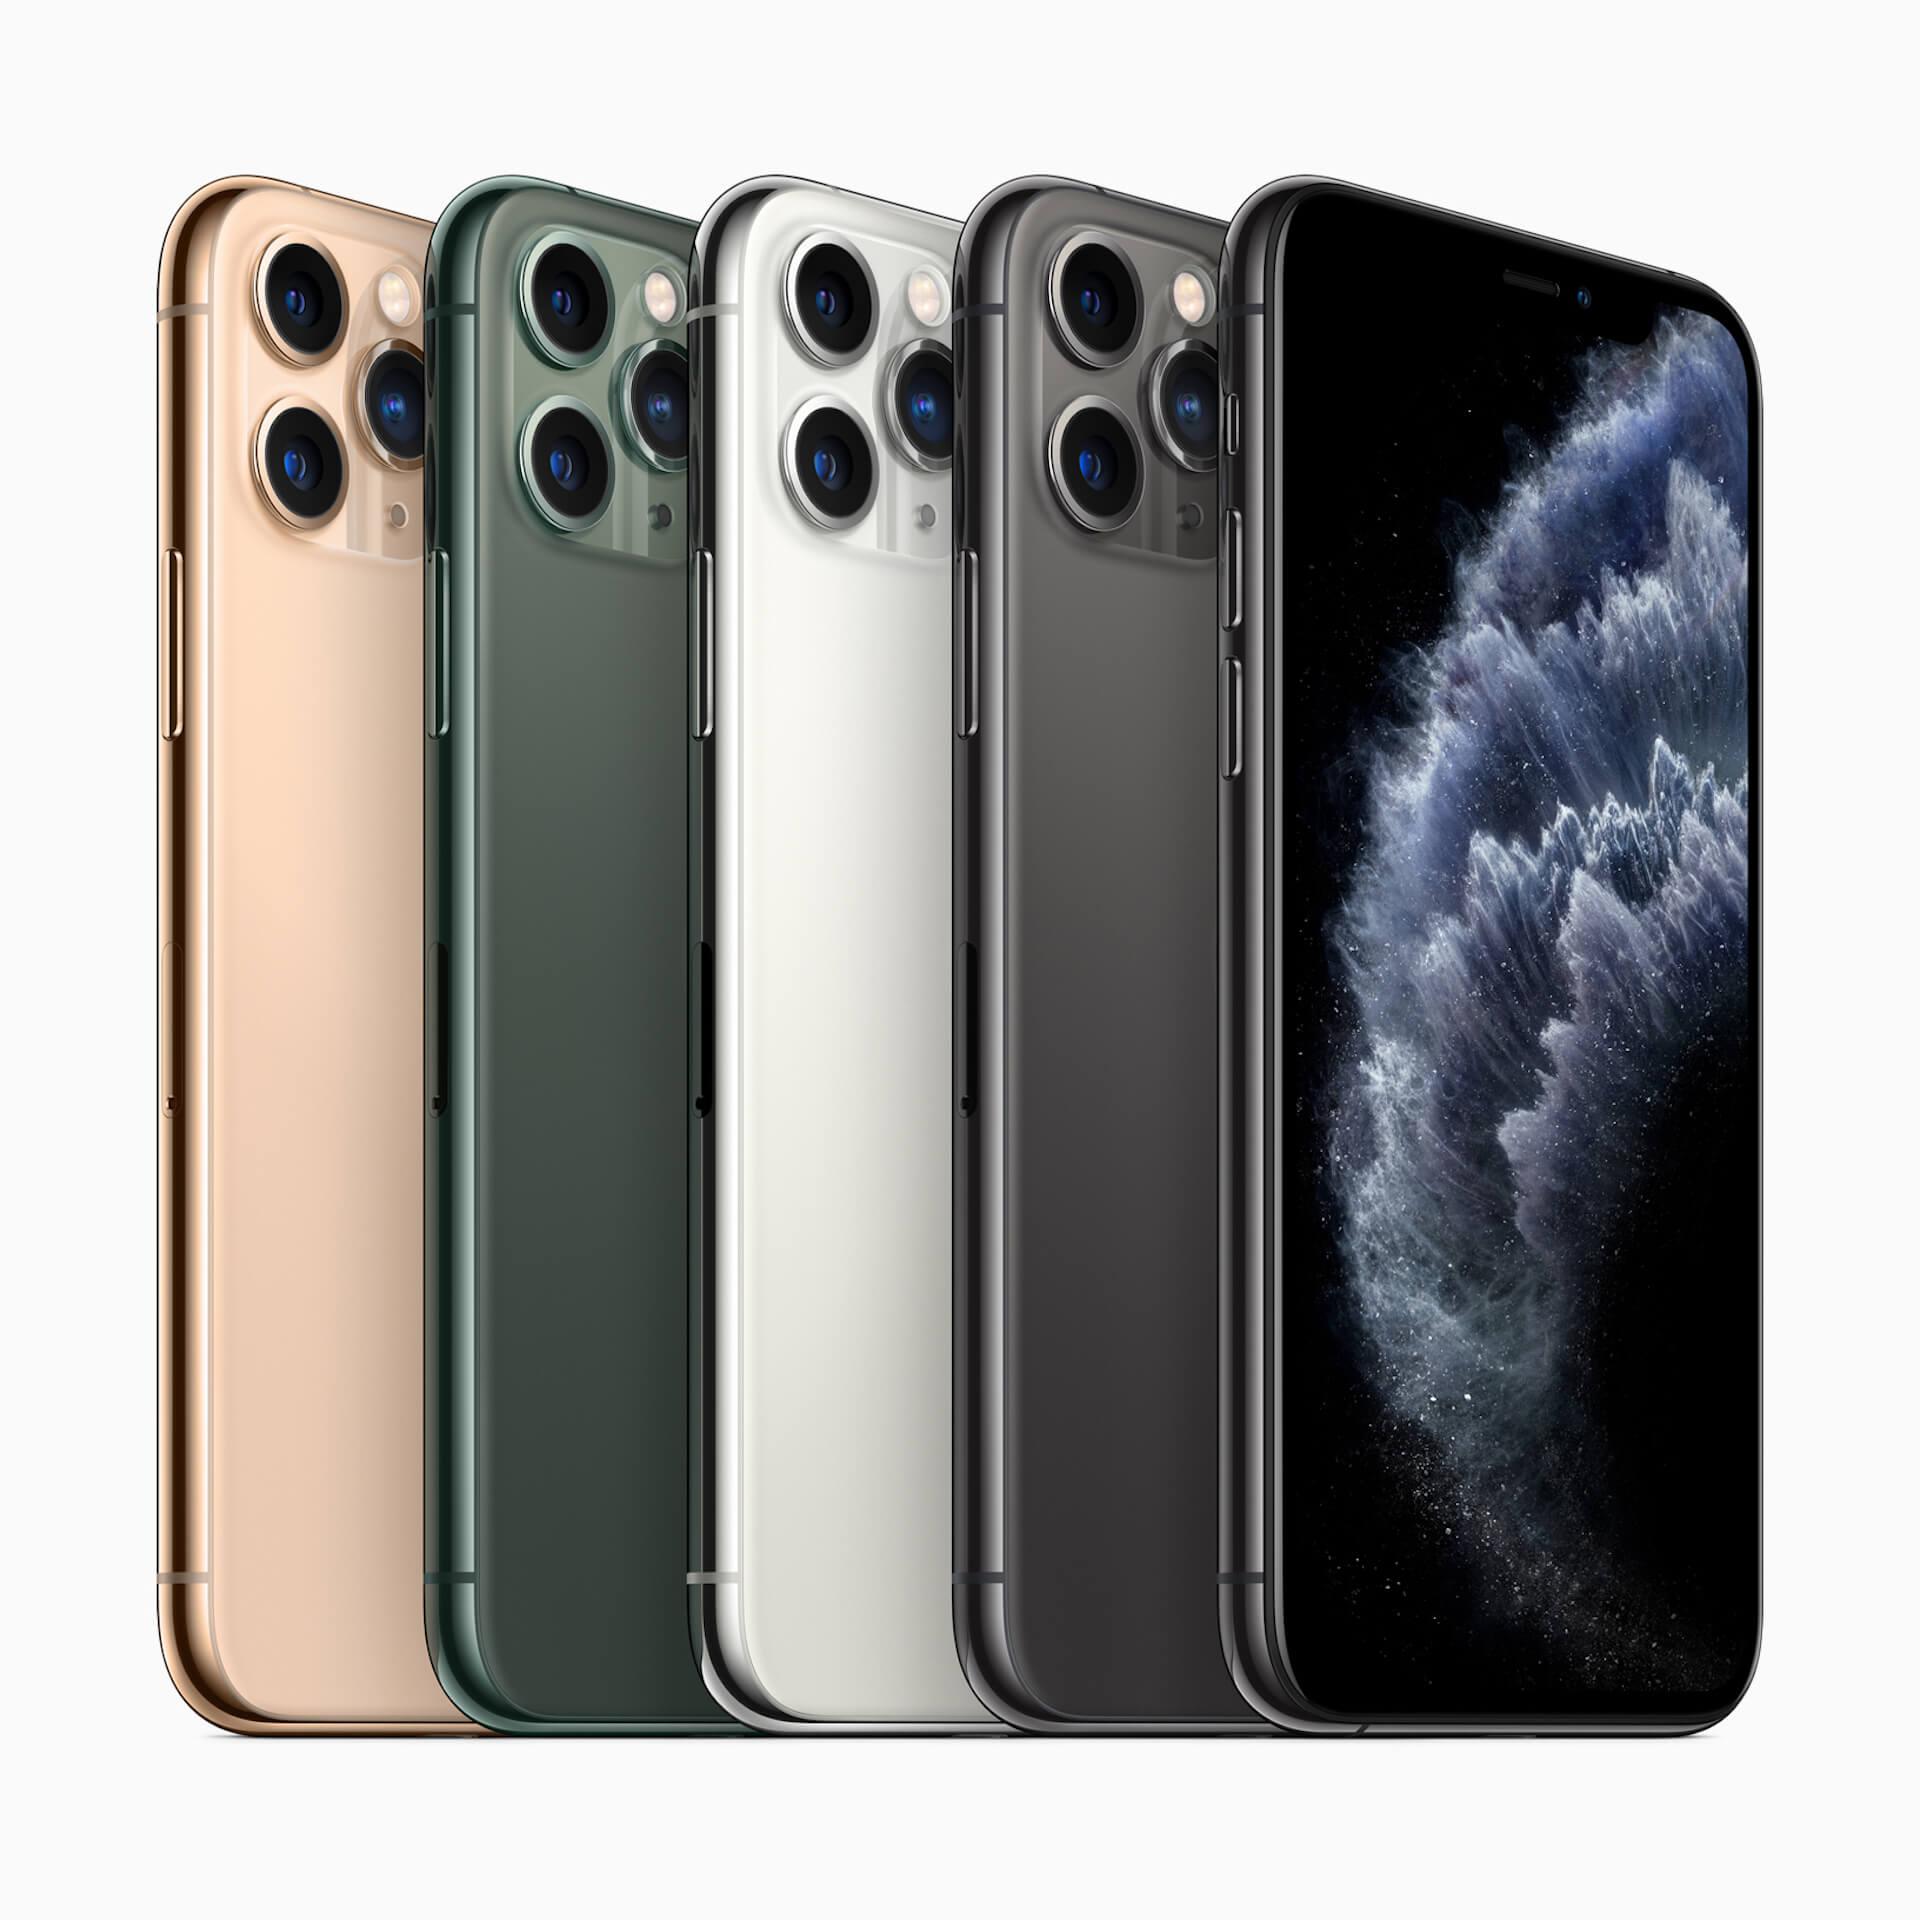 新型iPhoneで人気なのはiPhone 11 Pro/Pro Maxか、iPhone 11か? tech190918_apple_iphone11_main